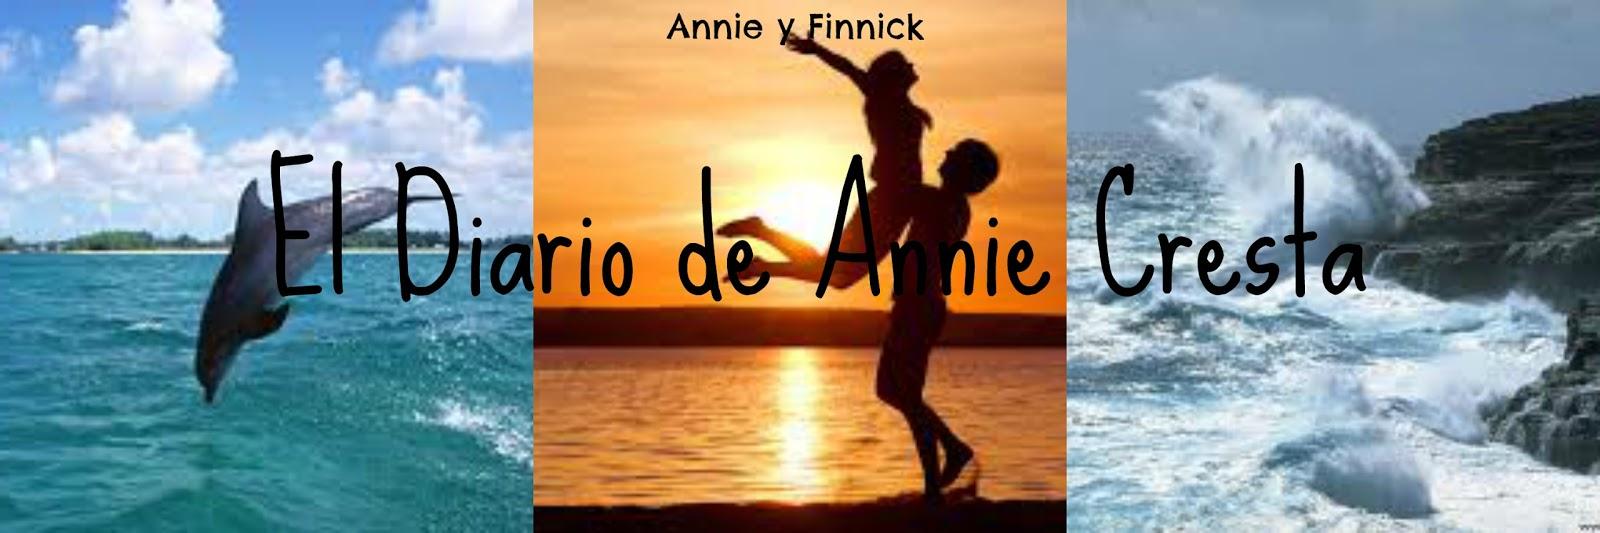 EL diario de Annie Cresta